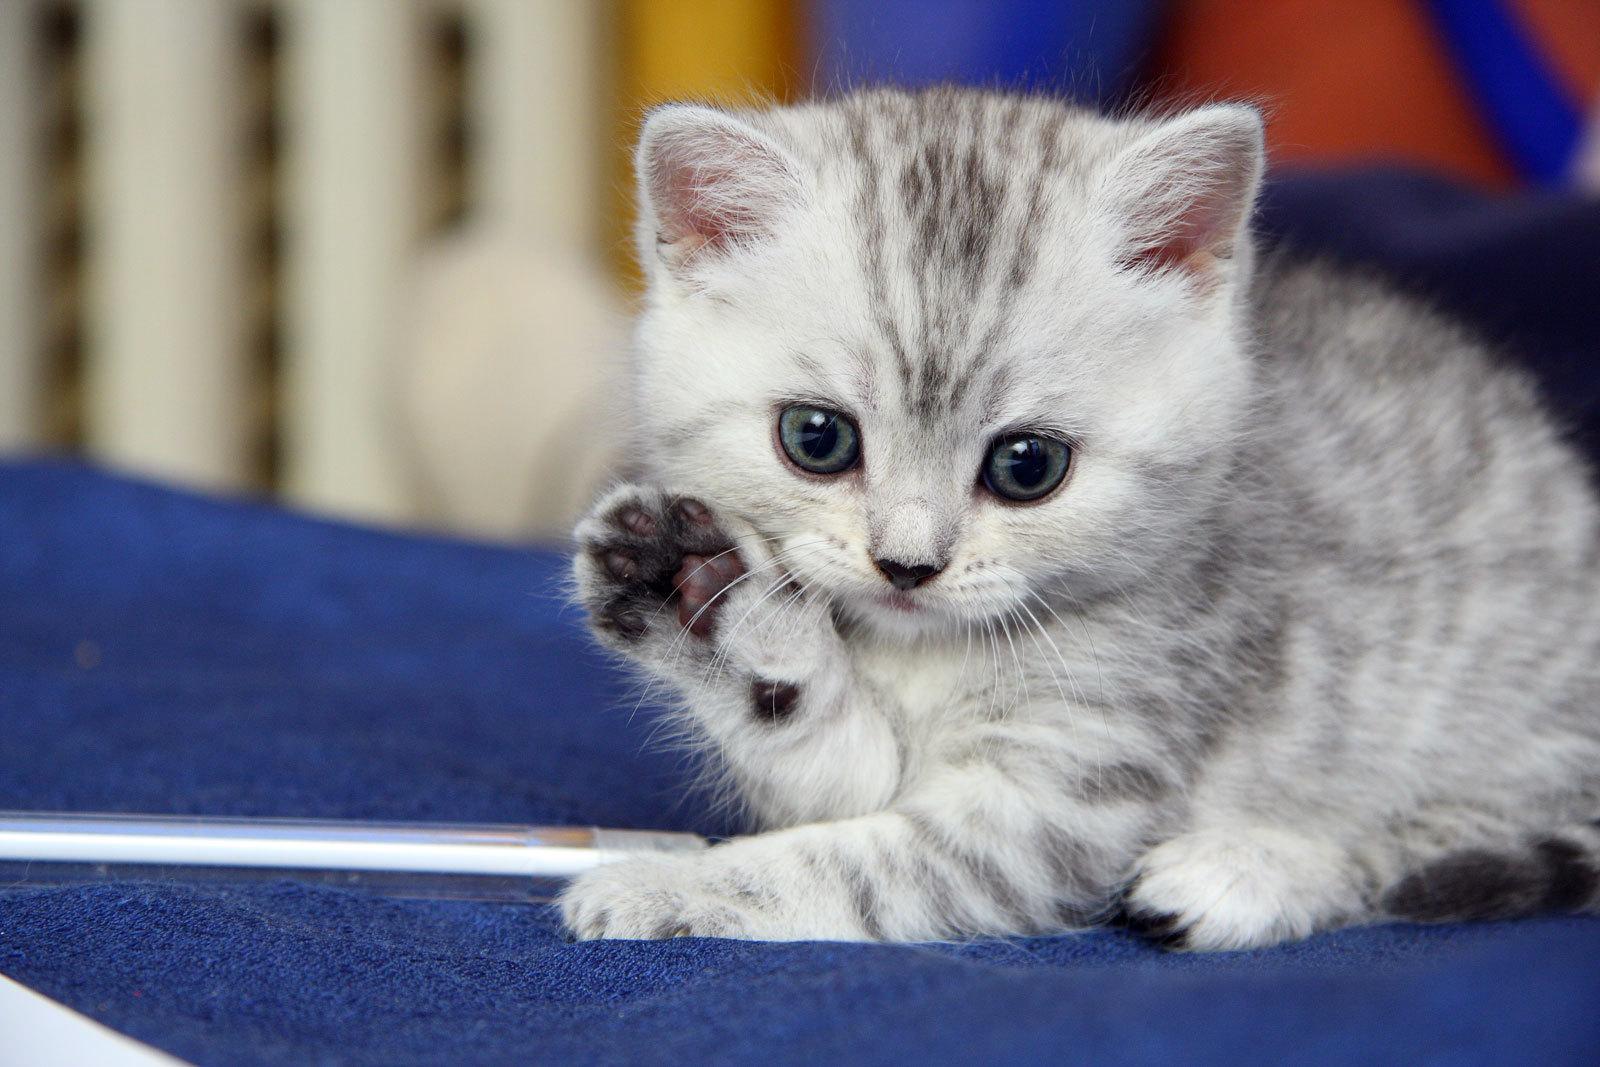 صورة اجمل الصور للقطط في العالم , لعشاق القطط اليك اجمل صور للقطط بجميع انواعها 1367 3